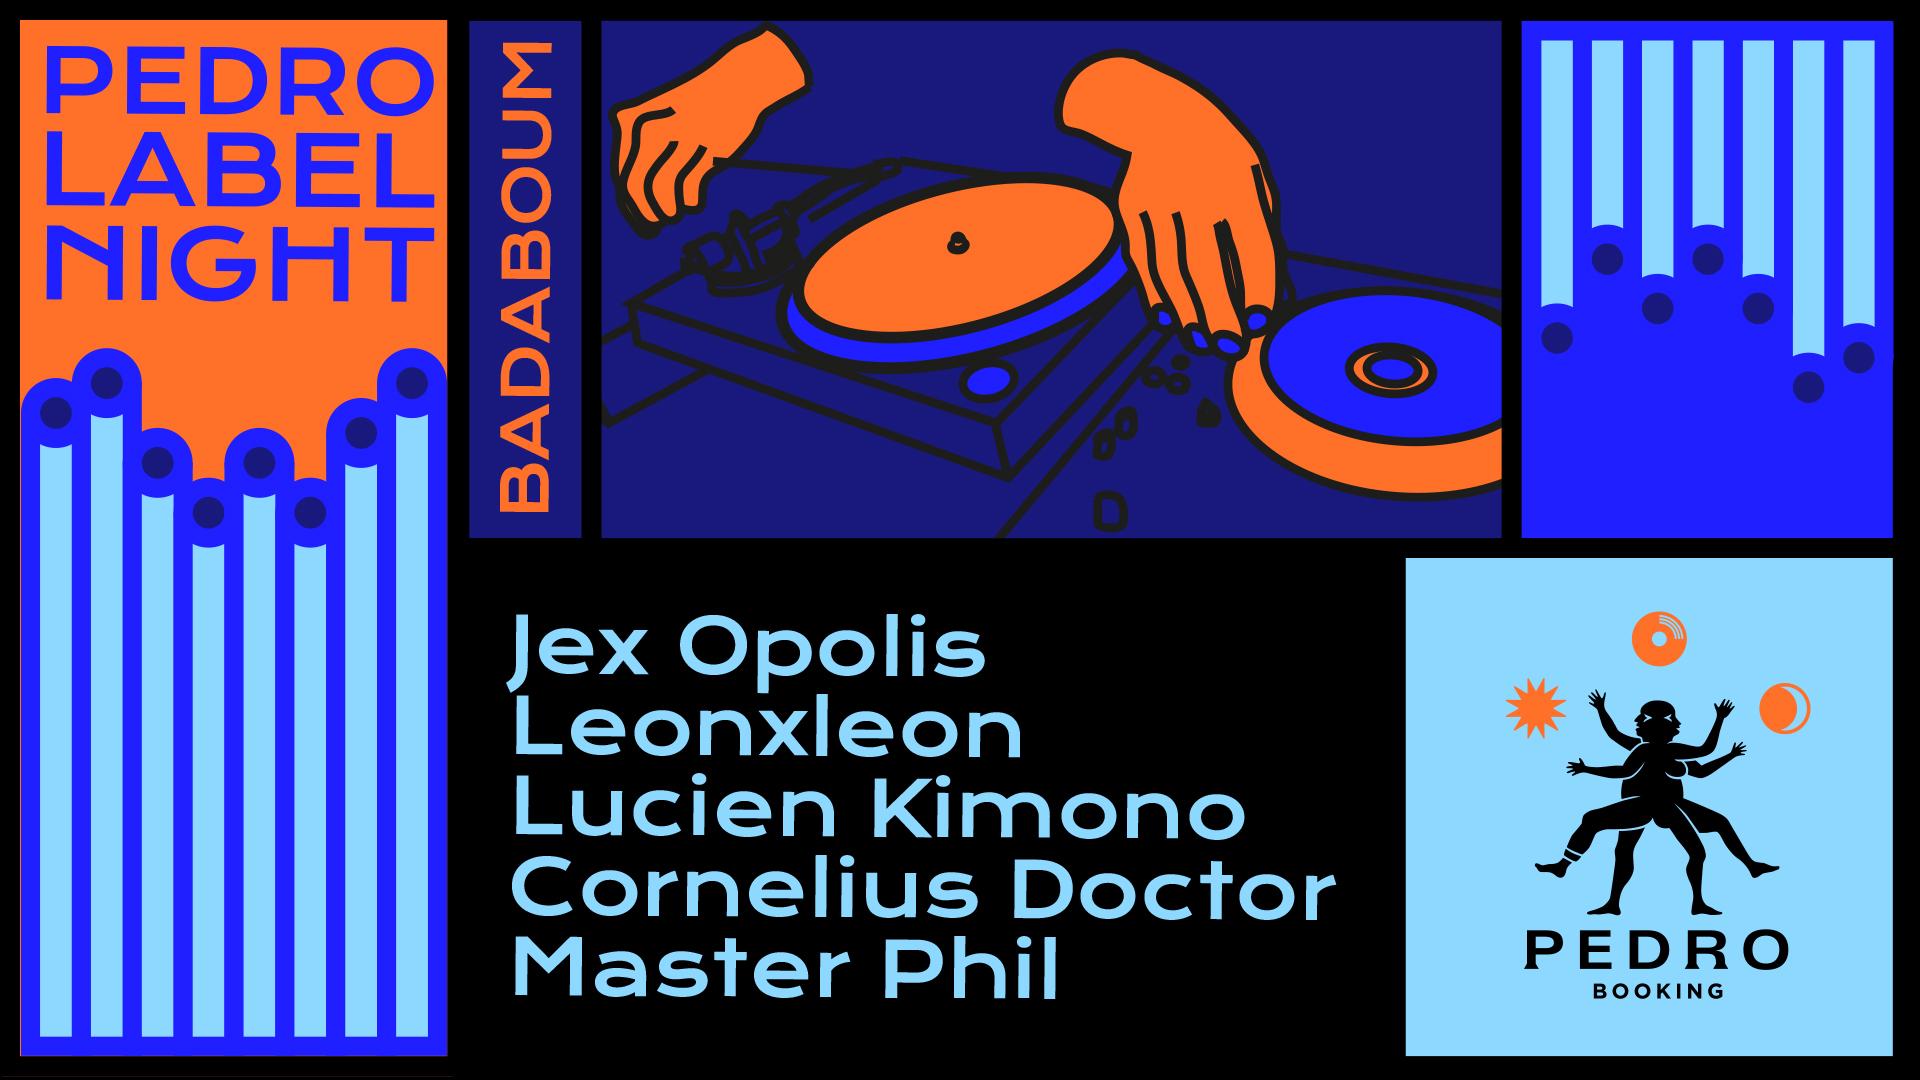 Pedro Label Night : Jex Opolis, Leonxleon, Lucien Kimono & more